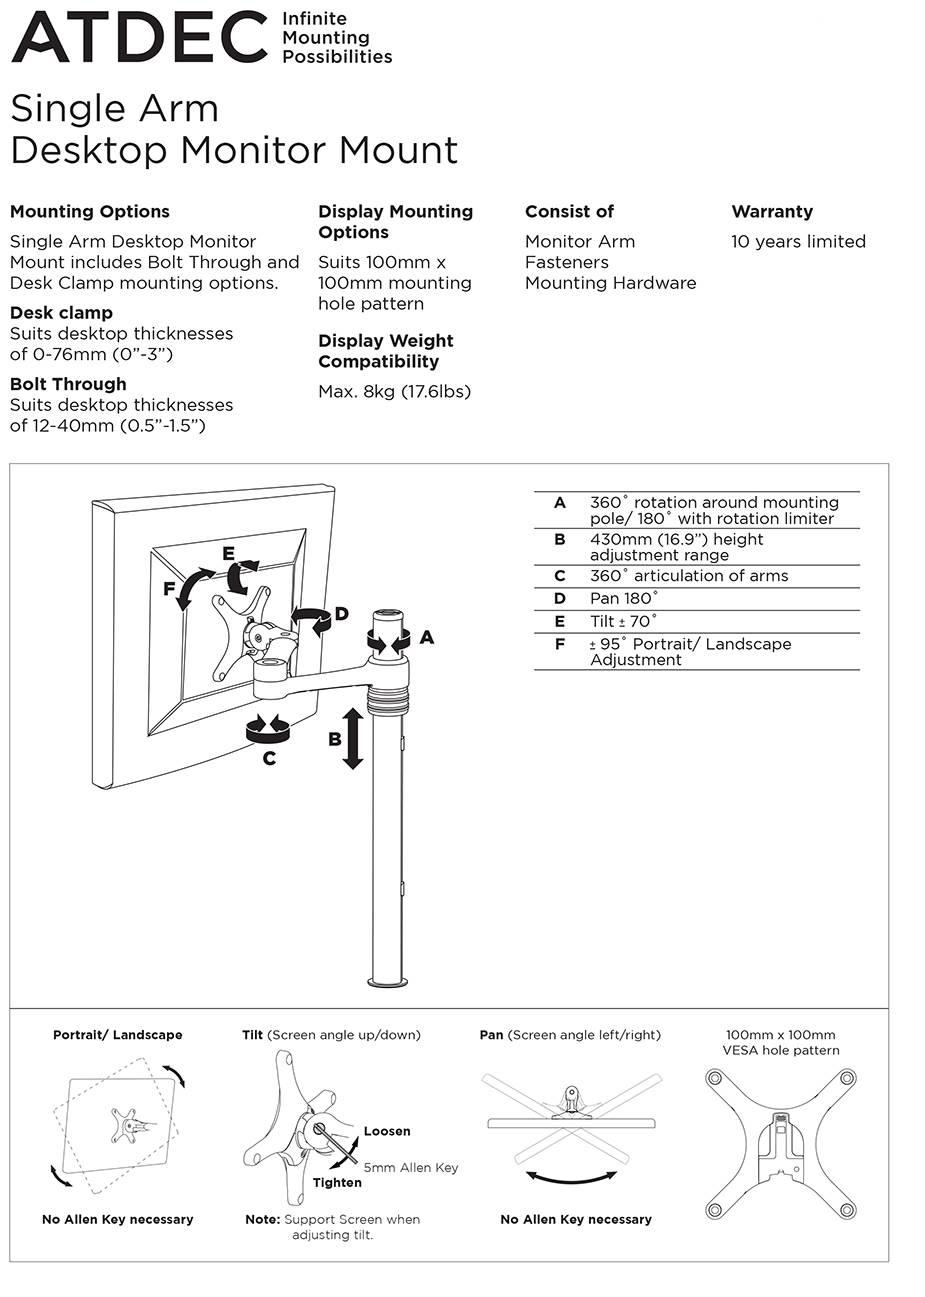 Atdec AF-AT Single Pole Articulated Arm Stand - Black - Desktop Overview 2